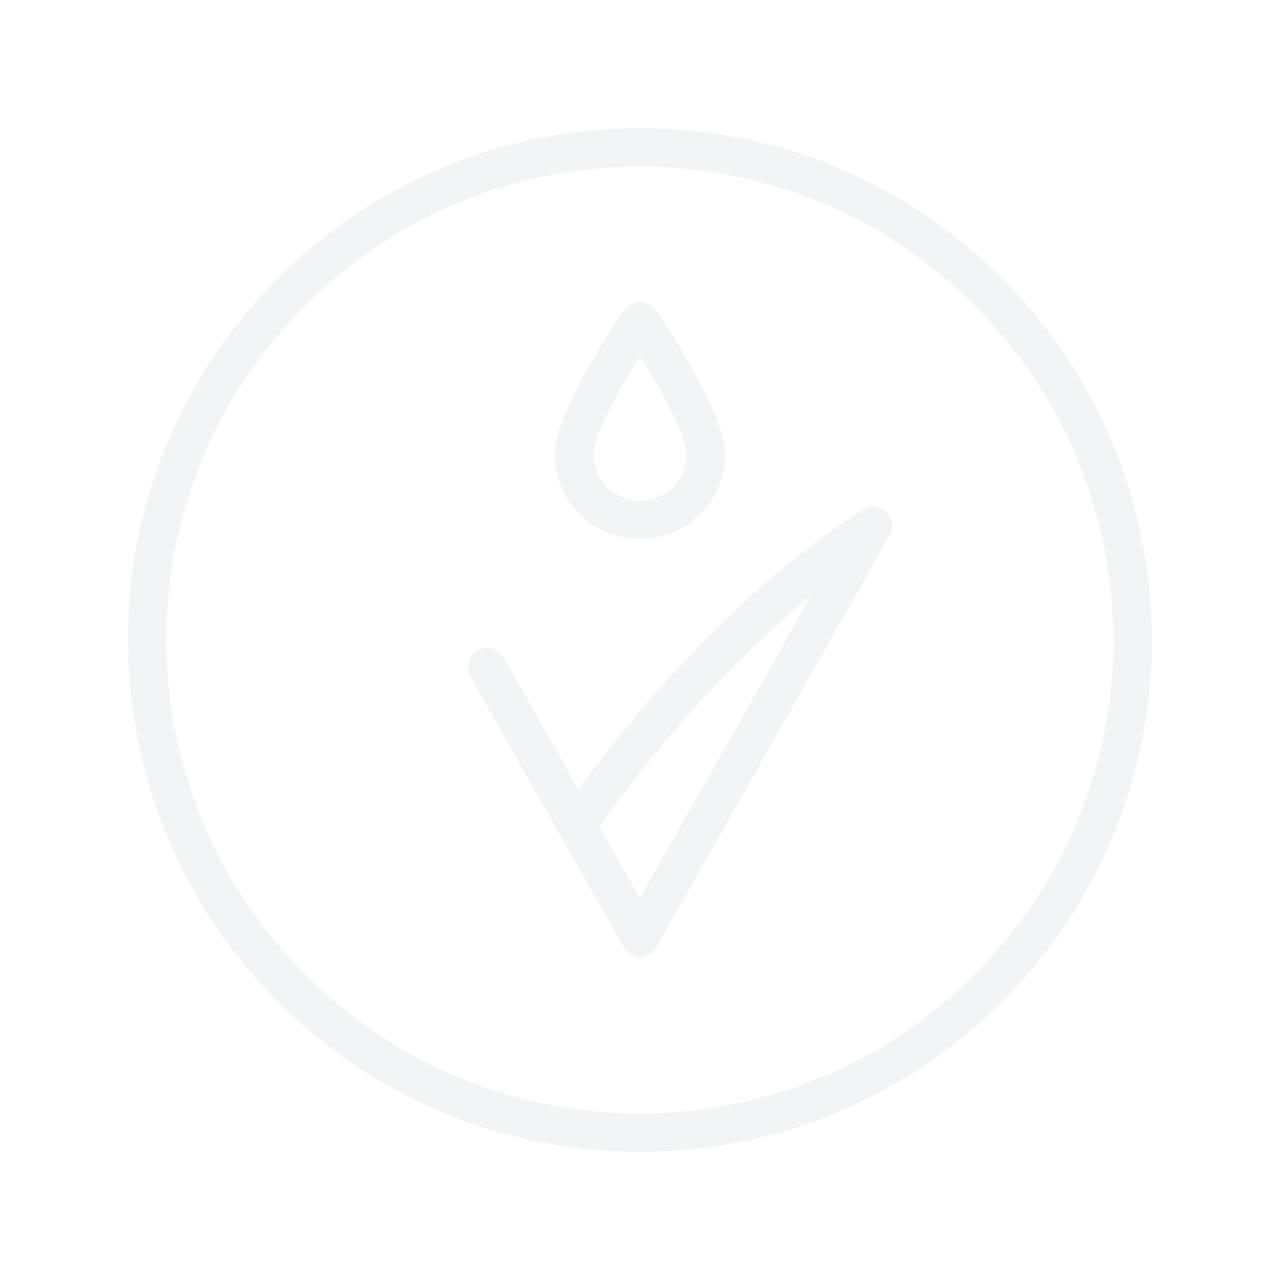 ELIZABETH ARDEN Ceramide Lift And Firm Day Cream SPF30 50ml